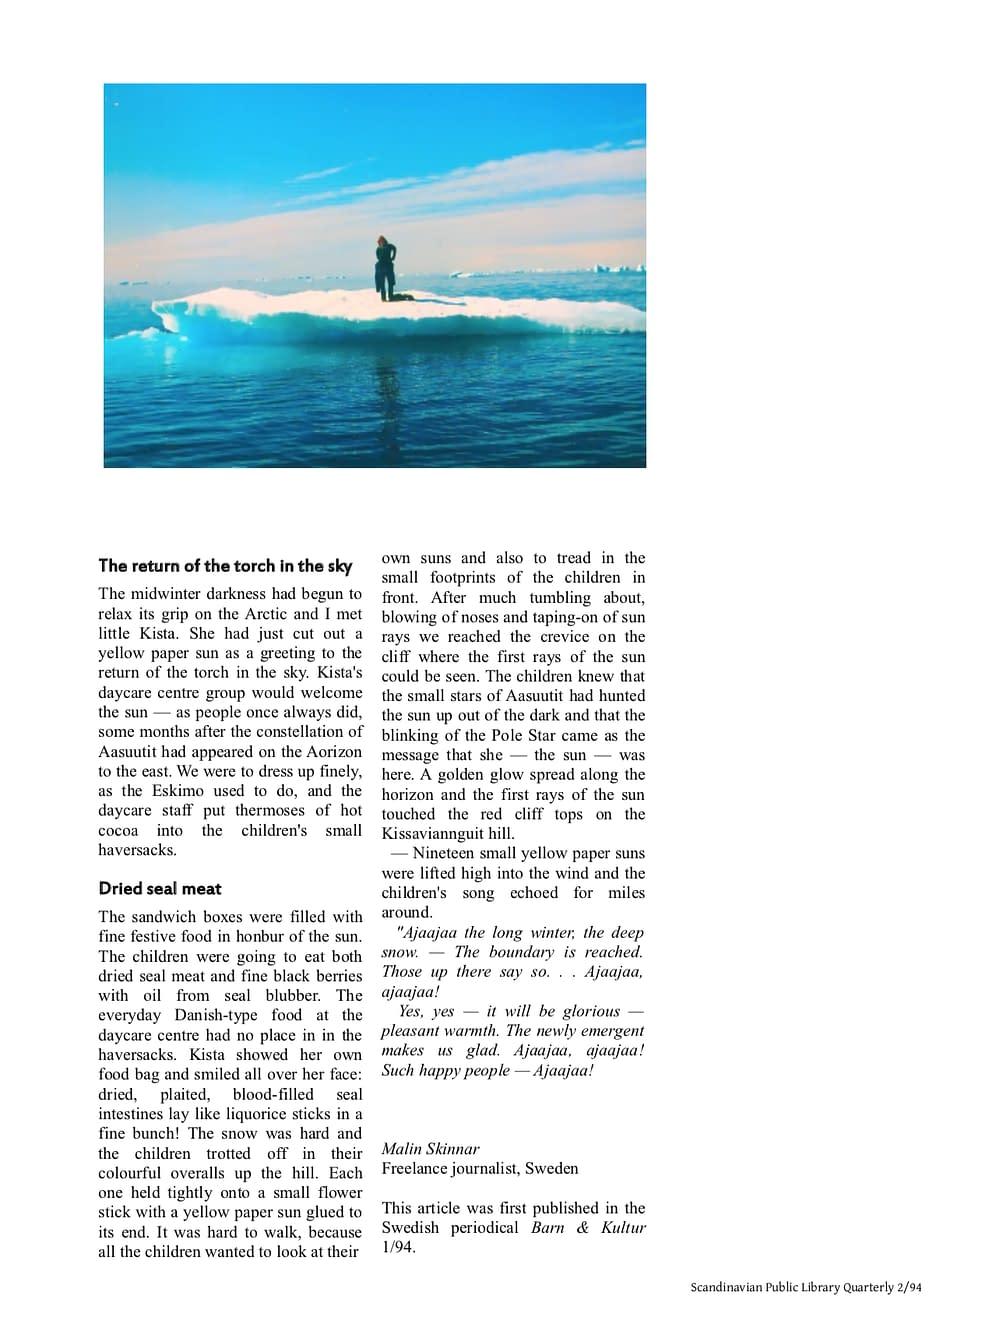 Kalaallit Nunaat - Greenland, article by Malin Skinnar